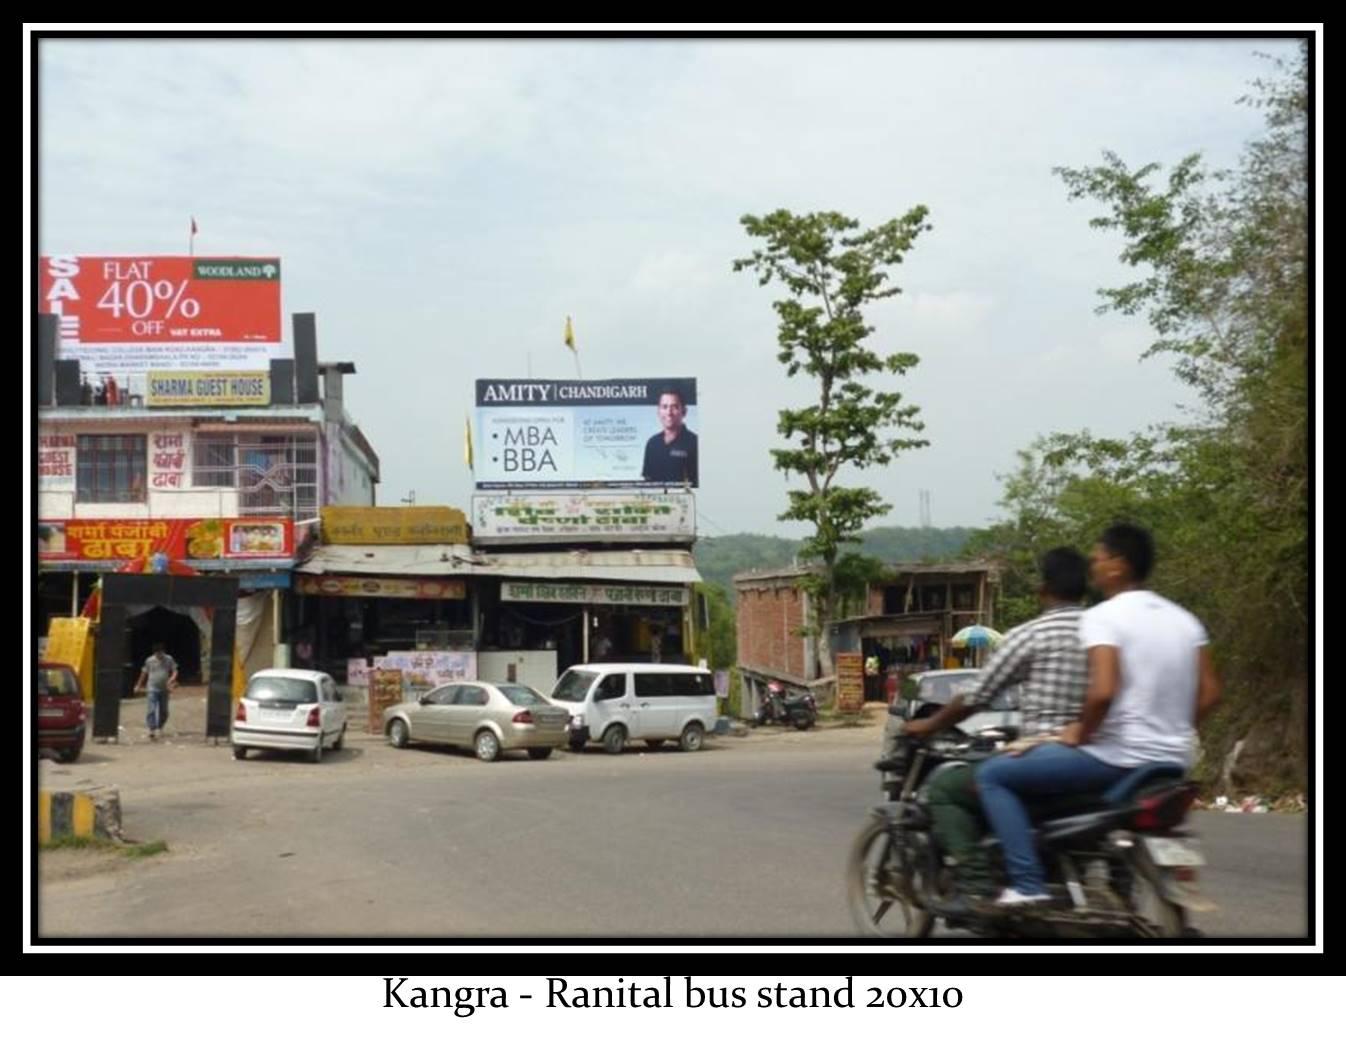 Ranital bus stand, Kangra